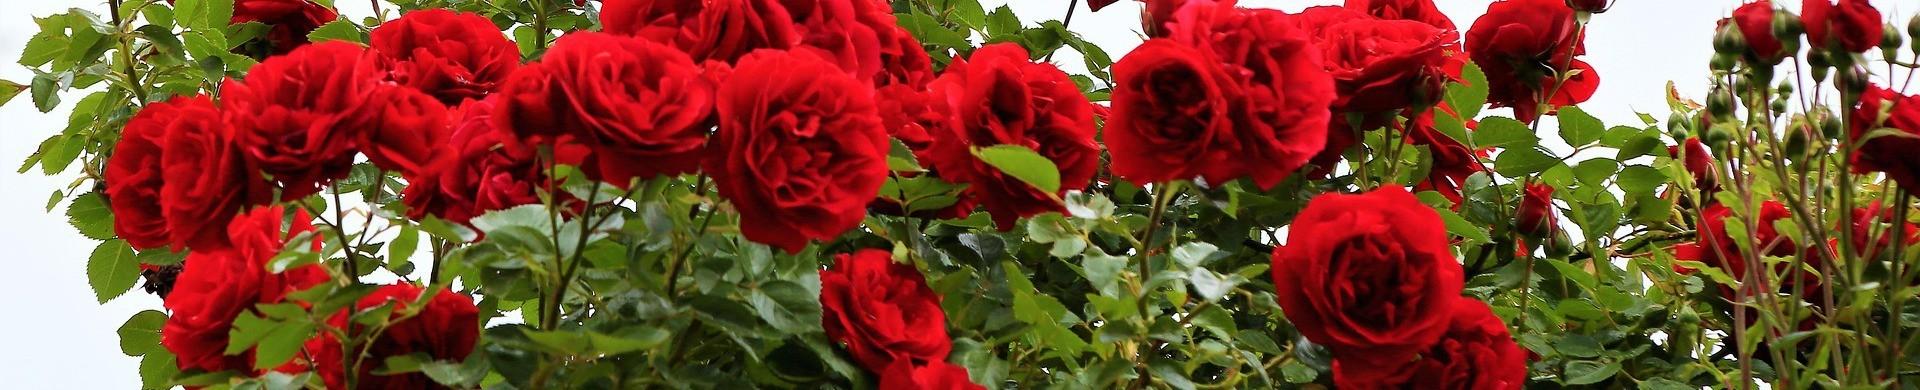 Comprar Rosales - Venta rosales plantas